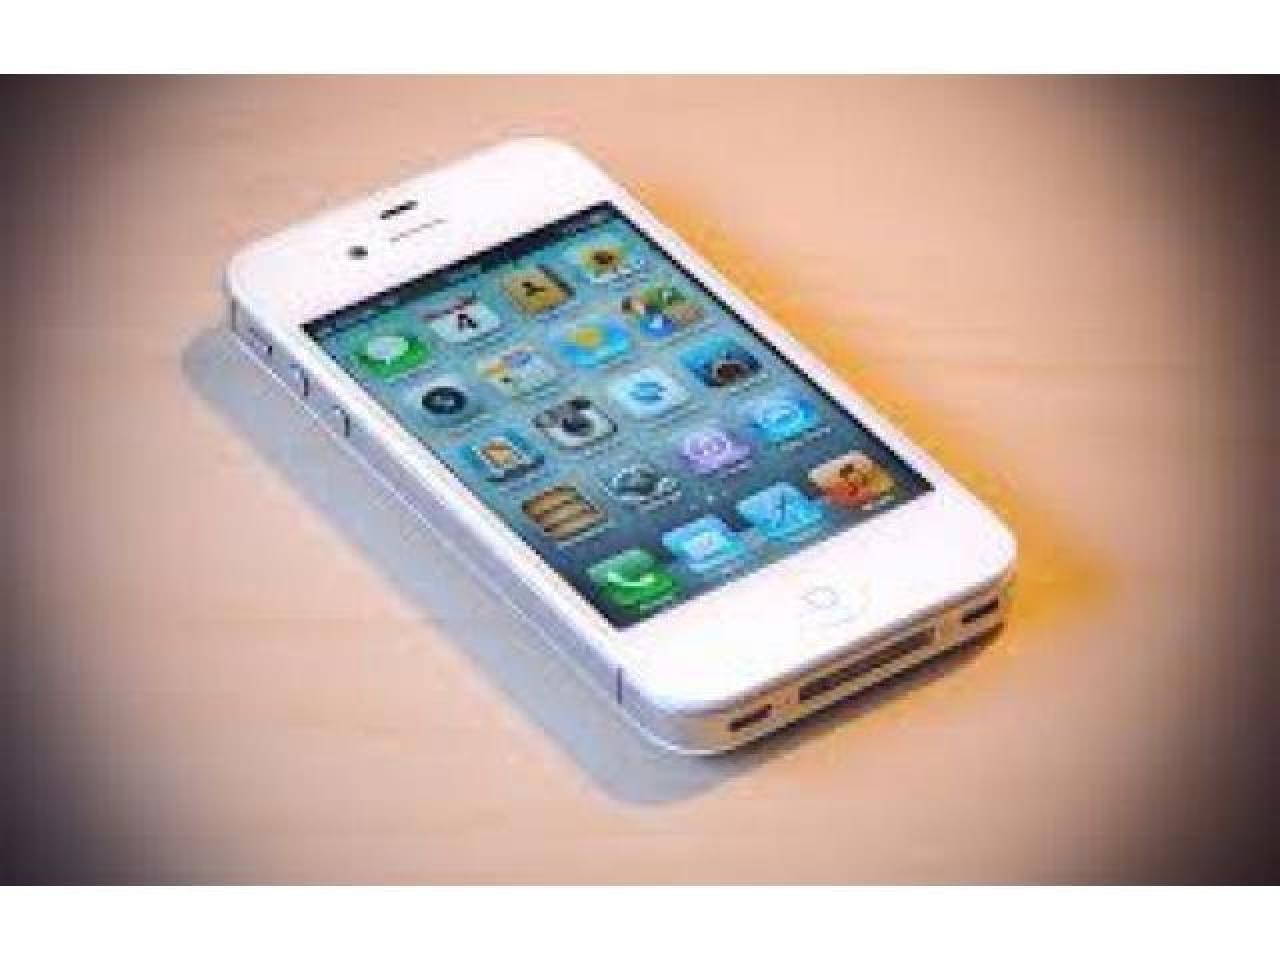 Iphone 4s 8gb .Продам или обменяю,полностью рабочий без повреждений и царапин - 1